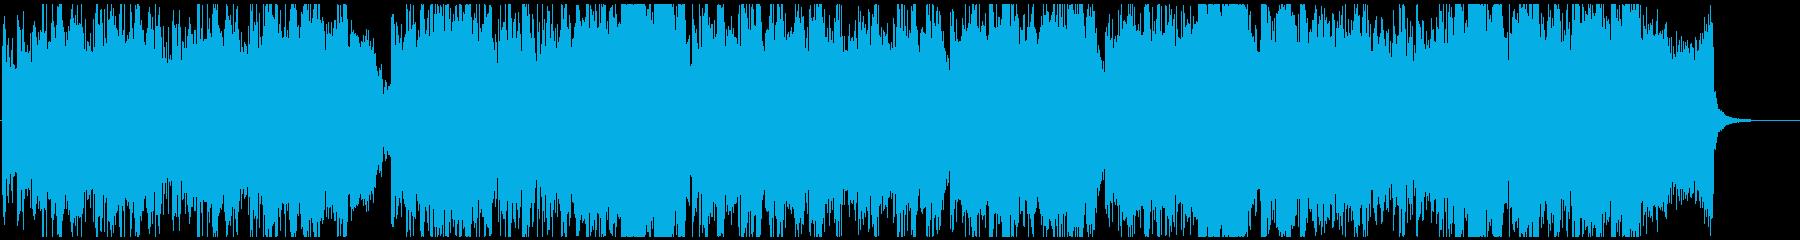 物語の始まりをイメージしたオーケストラ曲の再生済みの波形